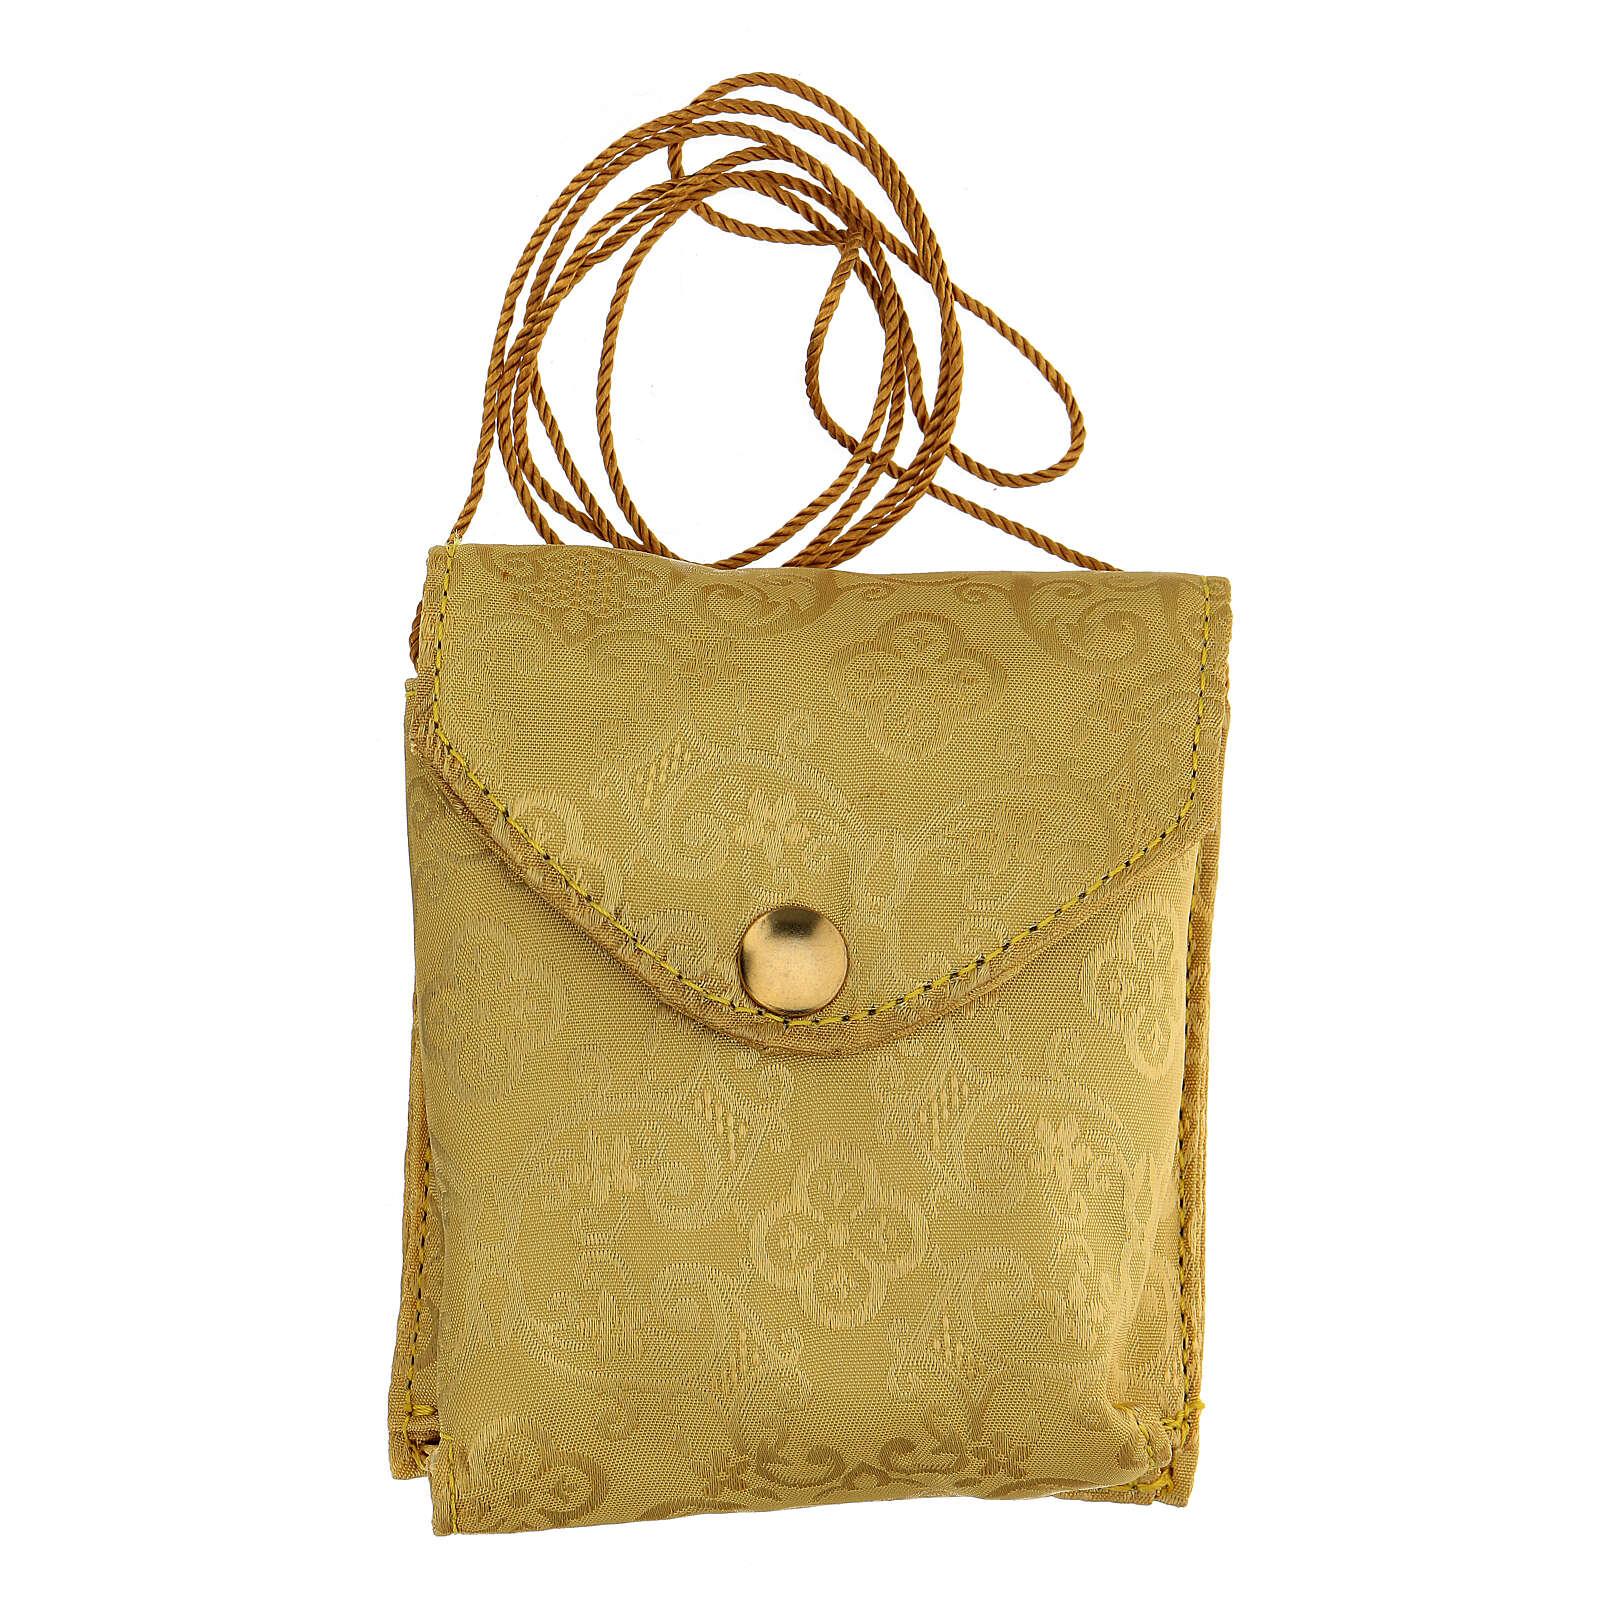 Étui damassé en jacquard doré avec cordelette pour custode à hosties diam. 7,5 cm 3